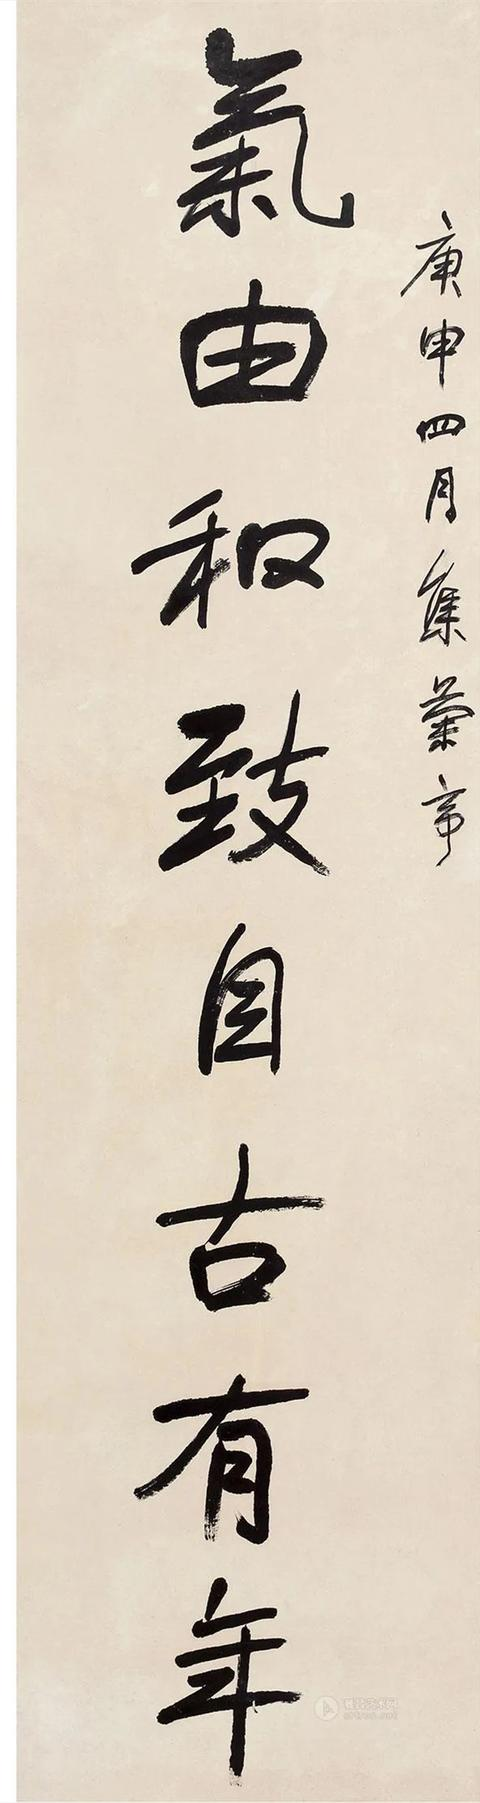 高邕1916年篆书石鼓文中堂行书八言联